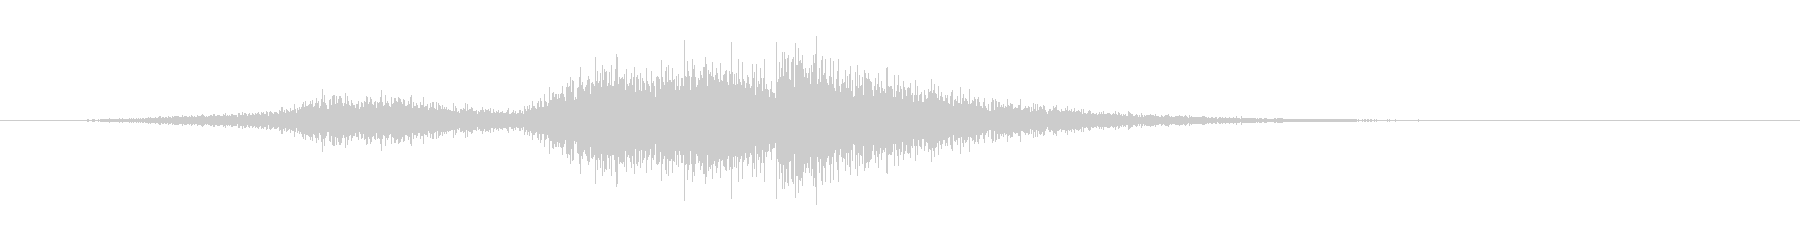 クイックシンエアリリースの未再生の波形